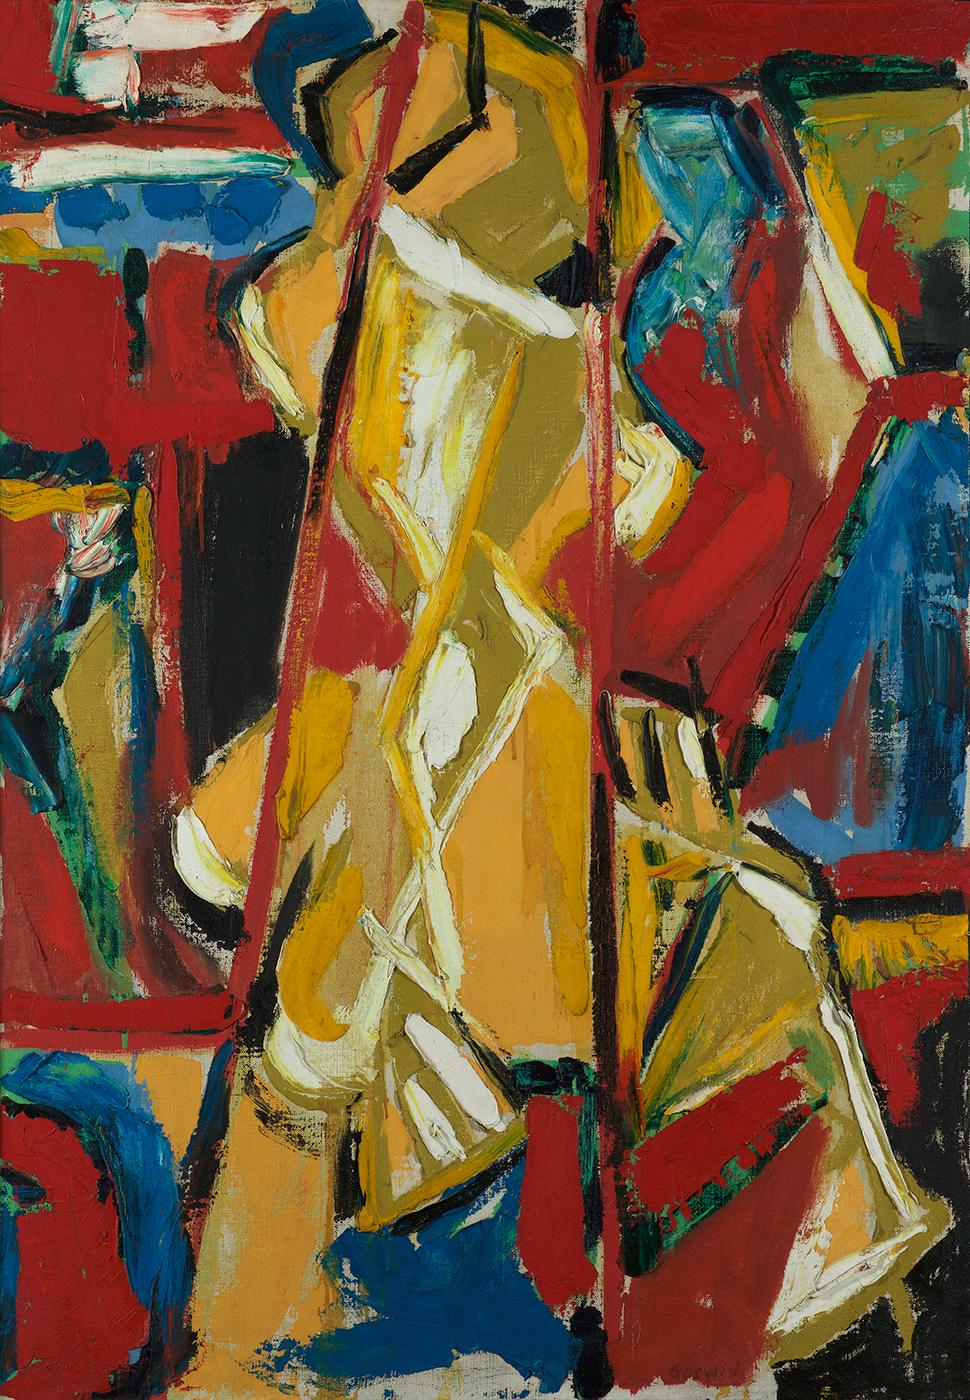 Yellow Figure, 1953